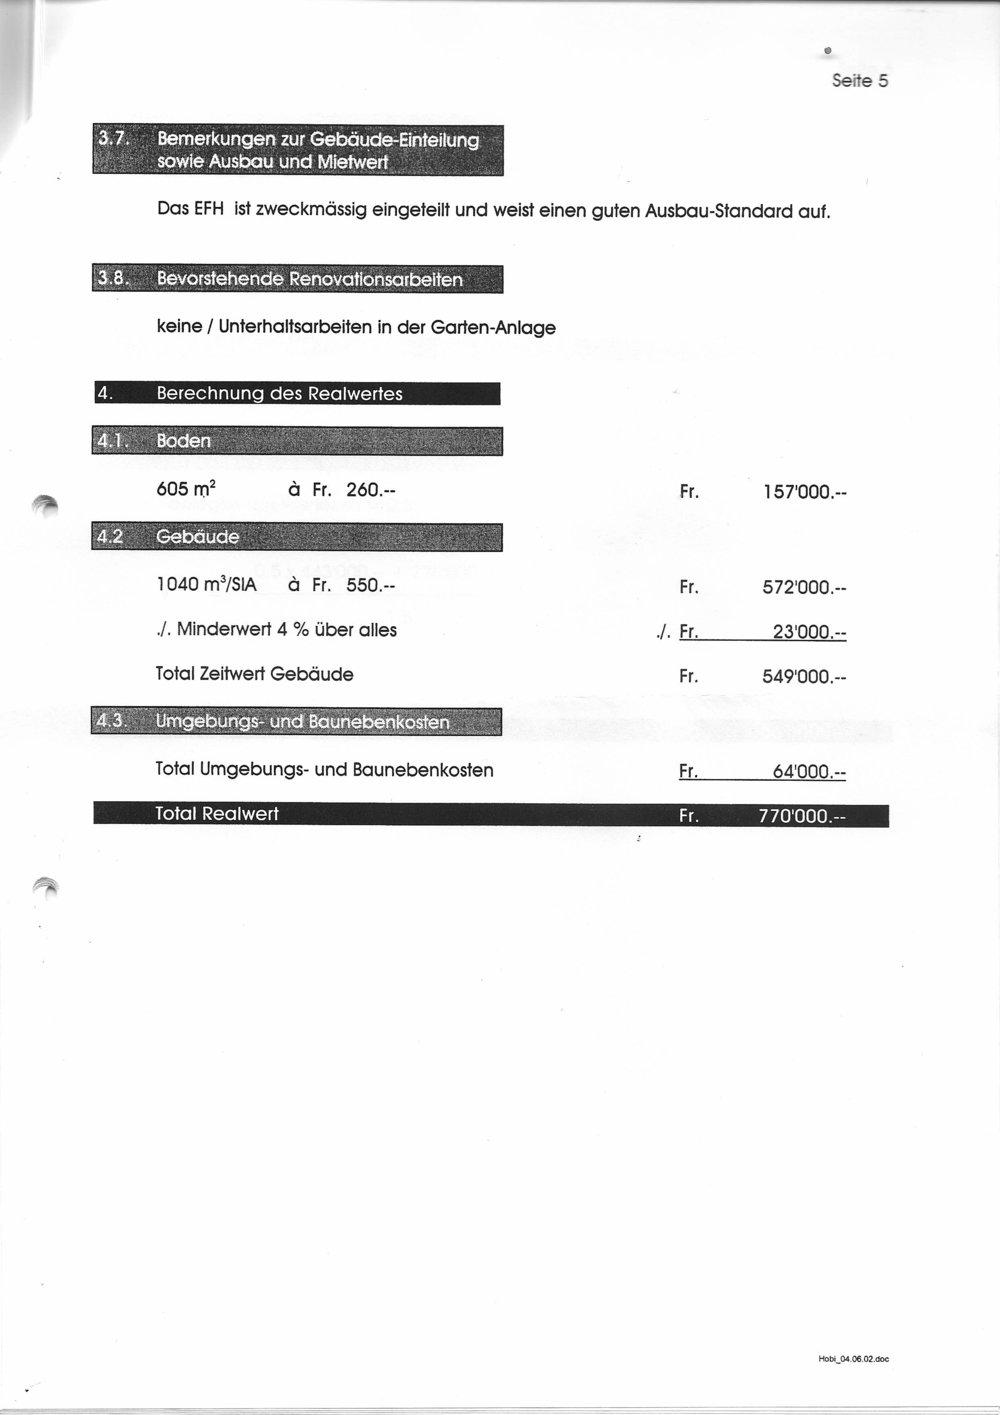 amtl. Schätzung 04.06.2002_Seite_4.jpg